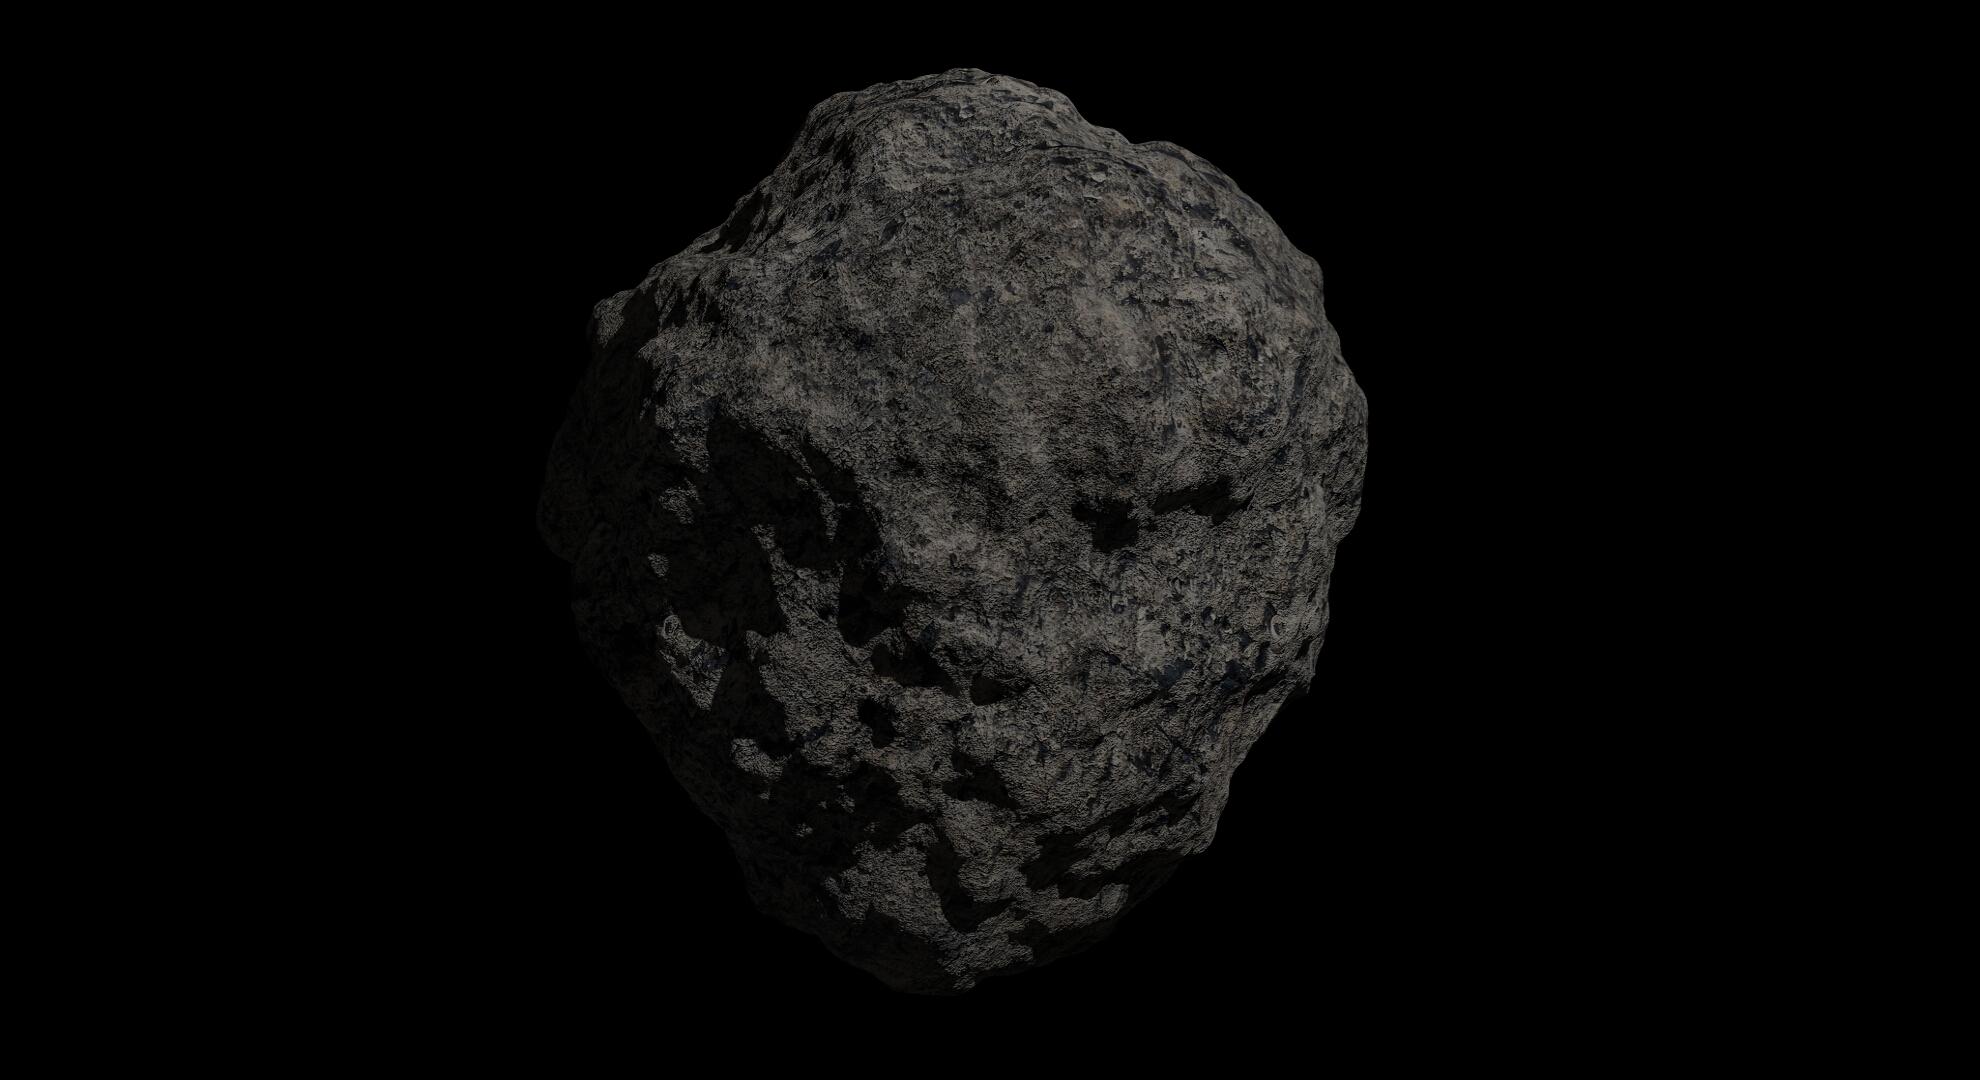 fantaziya asteroid 2 3d modeli 3s qarışığı da fbx obj 267198